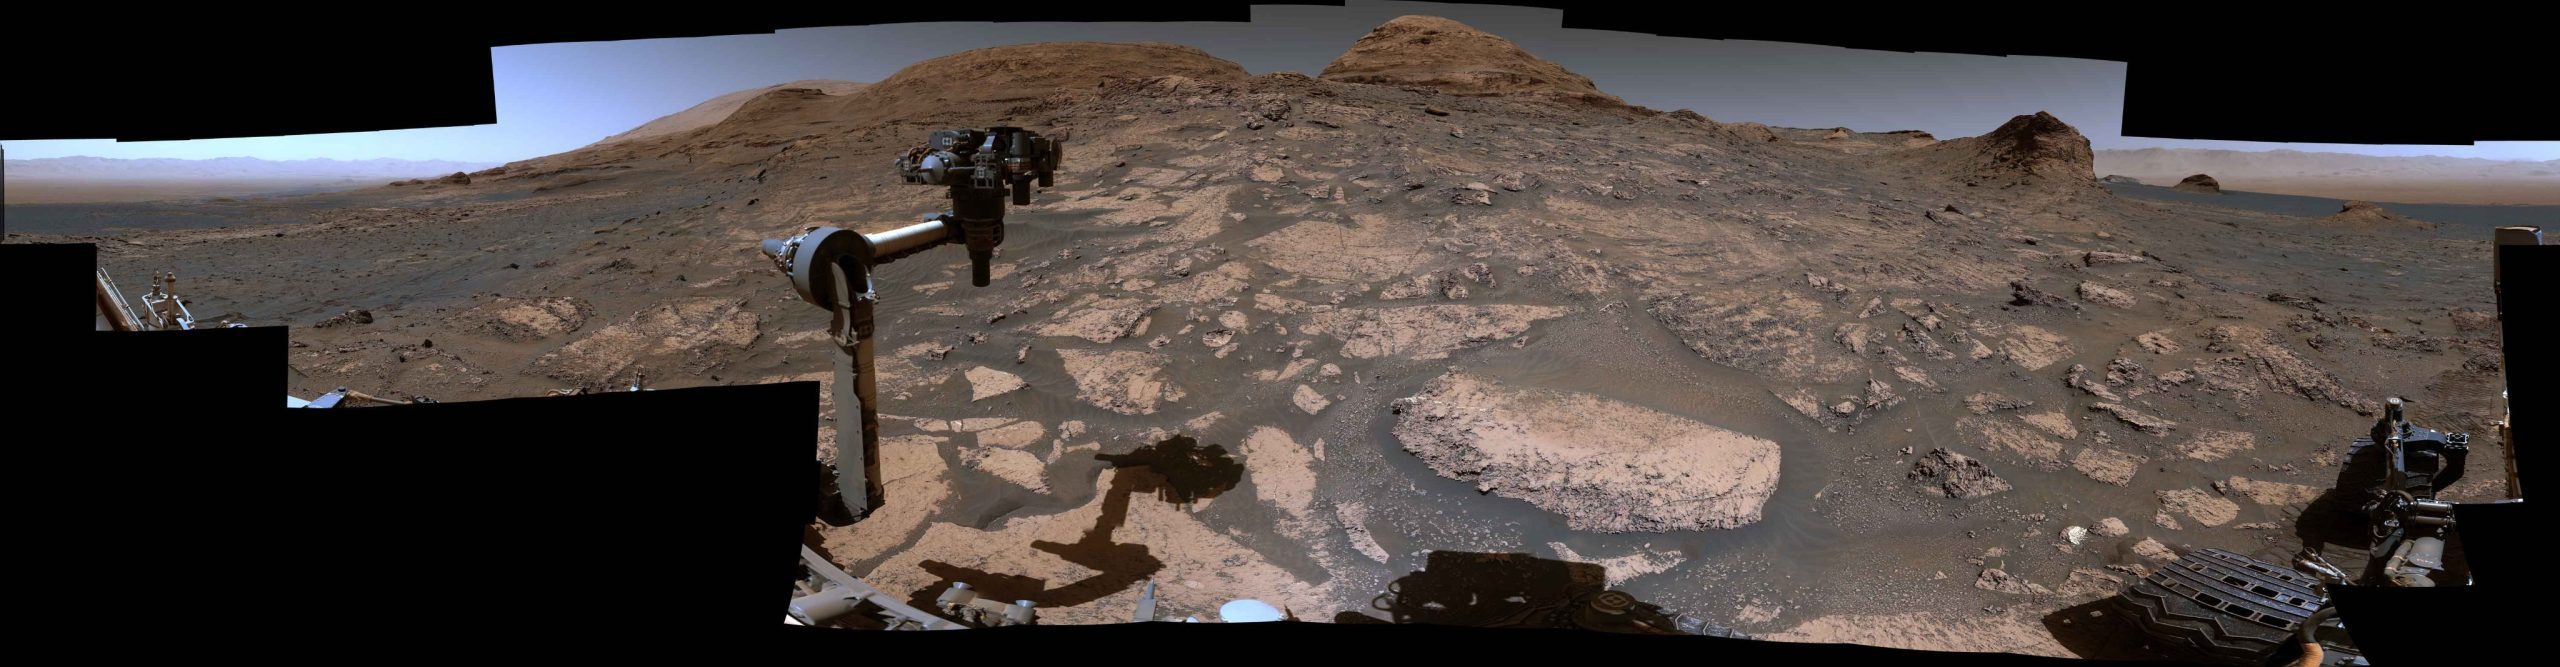 Rover-Curiosity -1